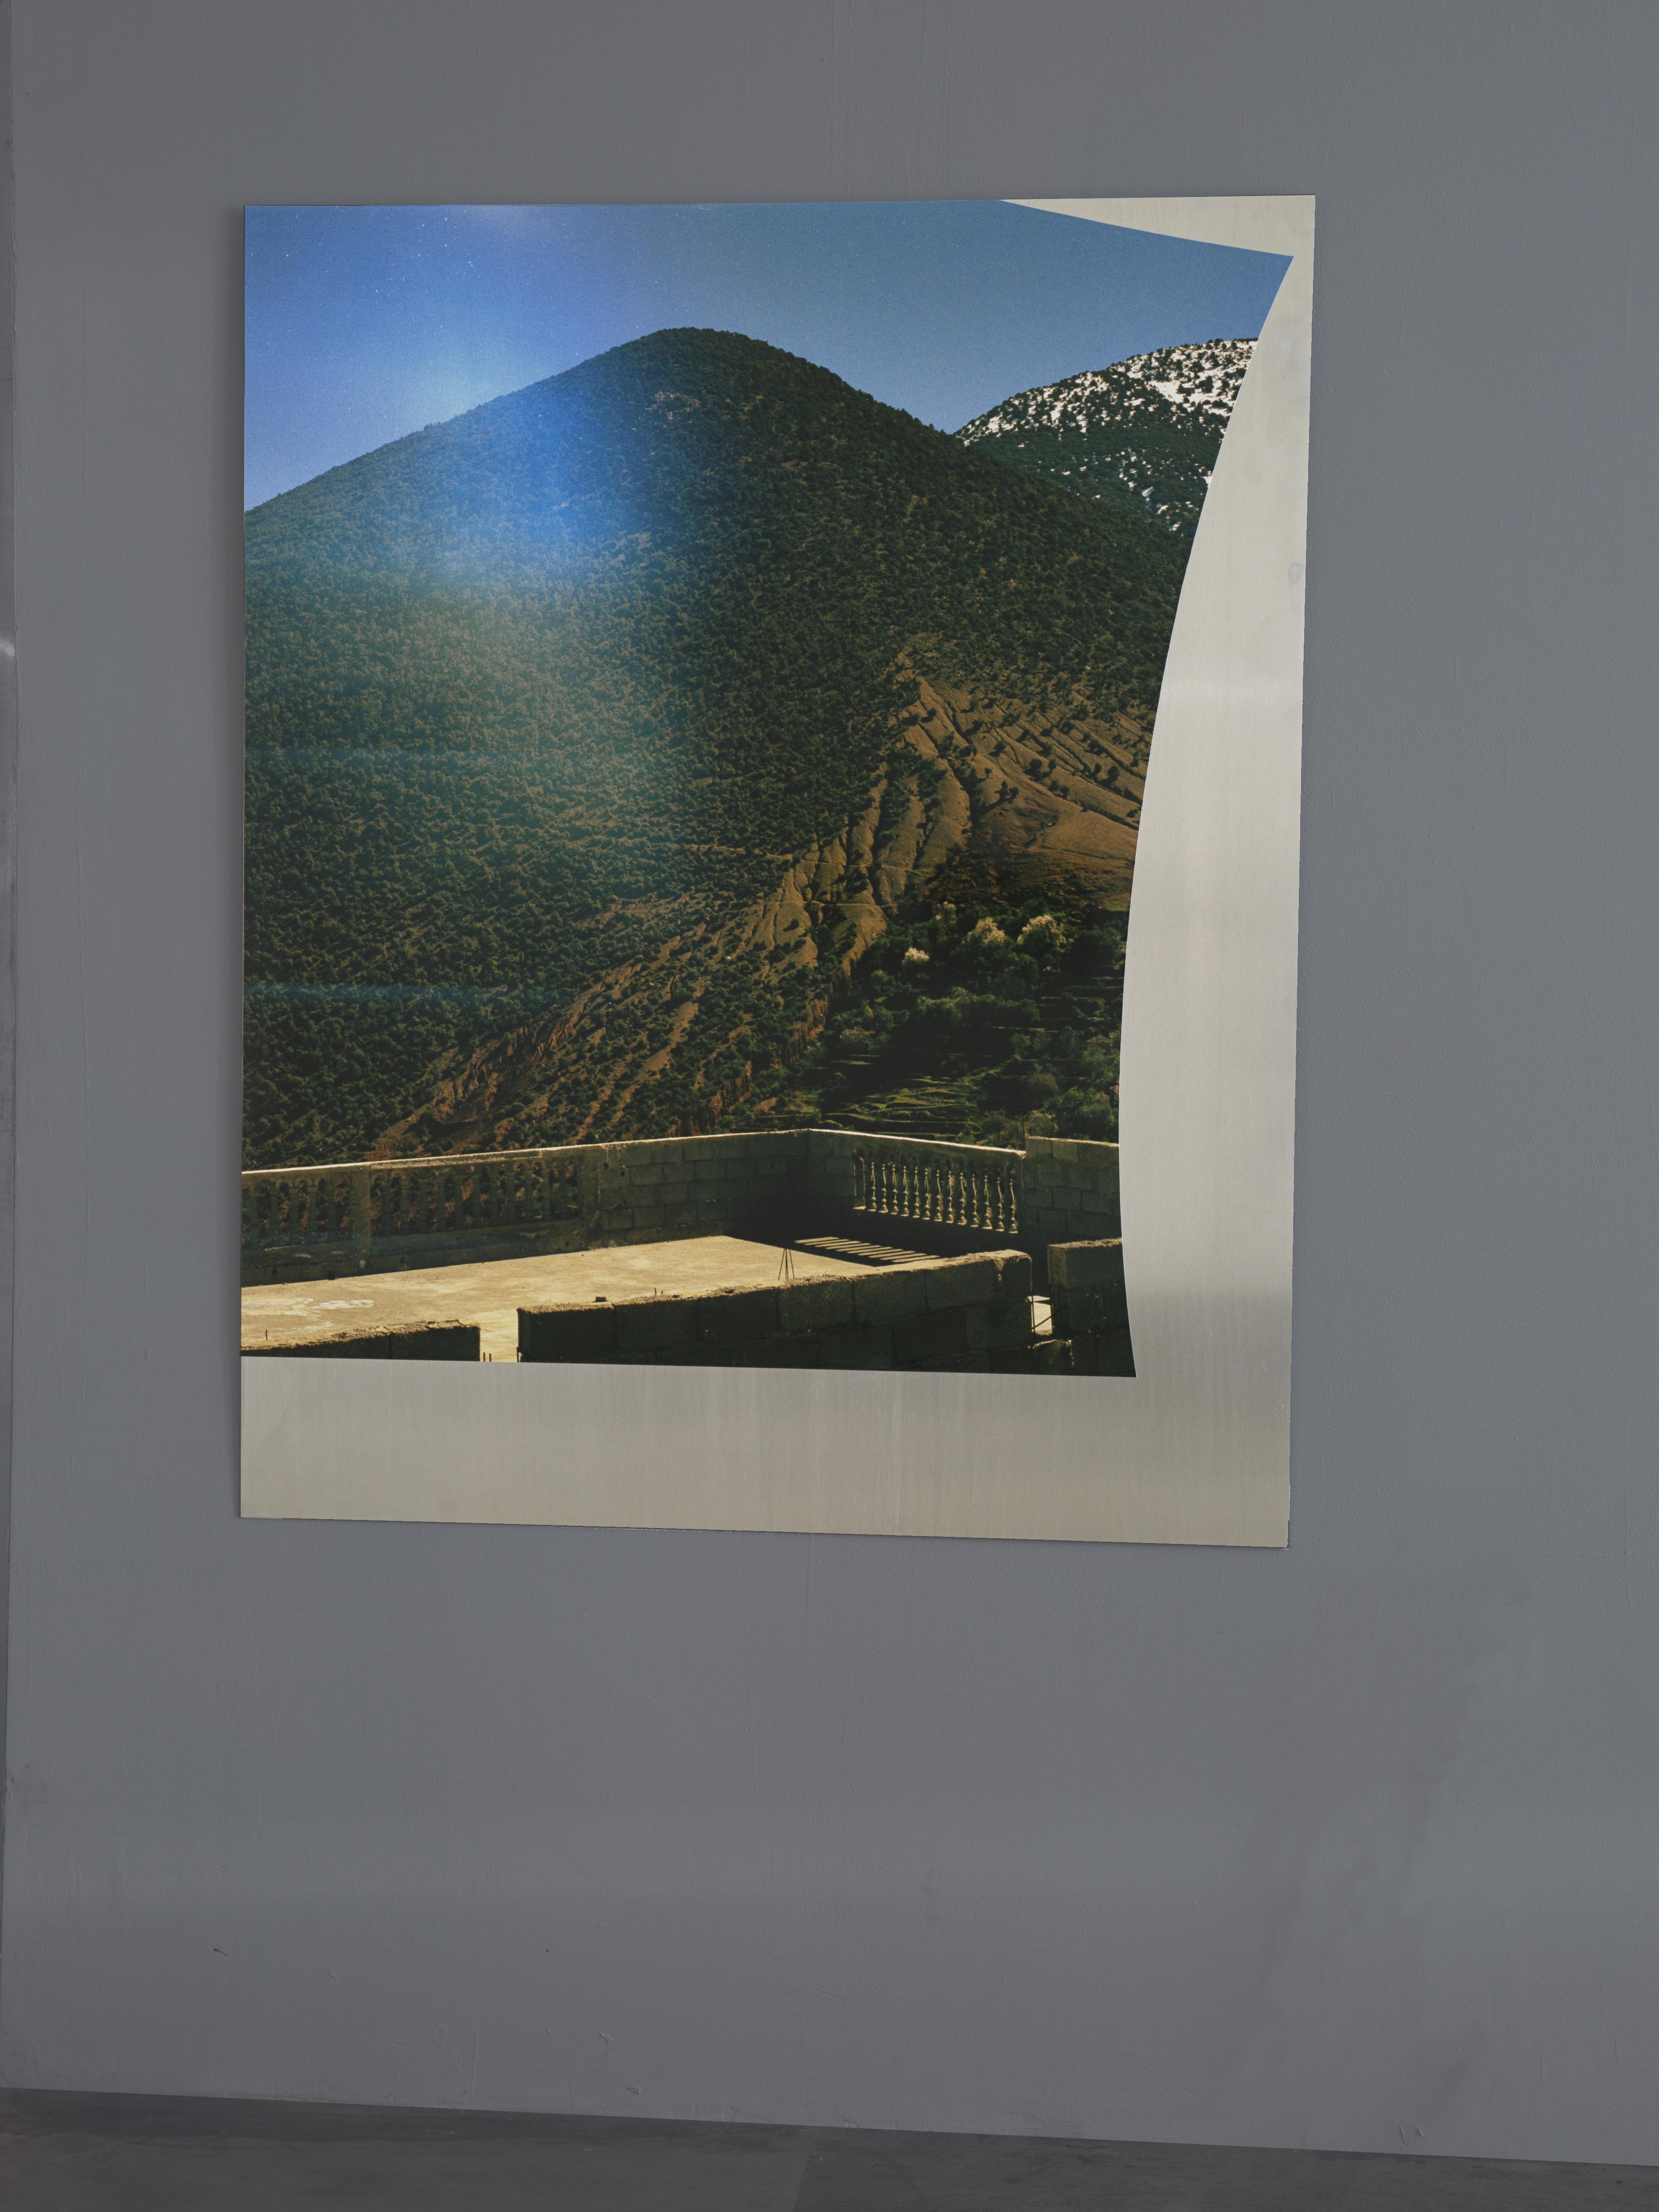 Josephine-Callaghan_Bonjour! Bonjour! Bonjour! Bonjour! Bonjour! Bonjour! Bonjour! Bonjour! C-type print, sheet aluminium, 970 x 1200